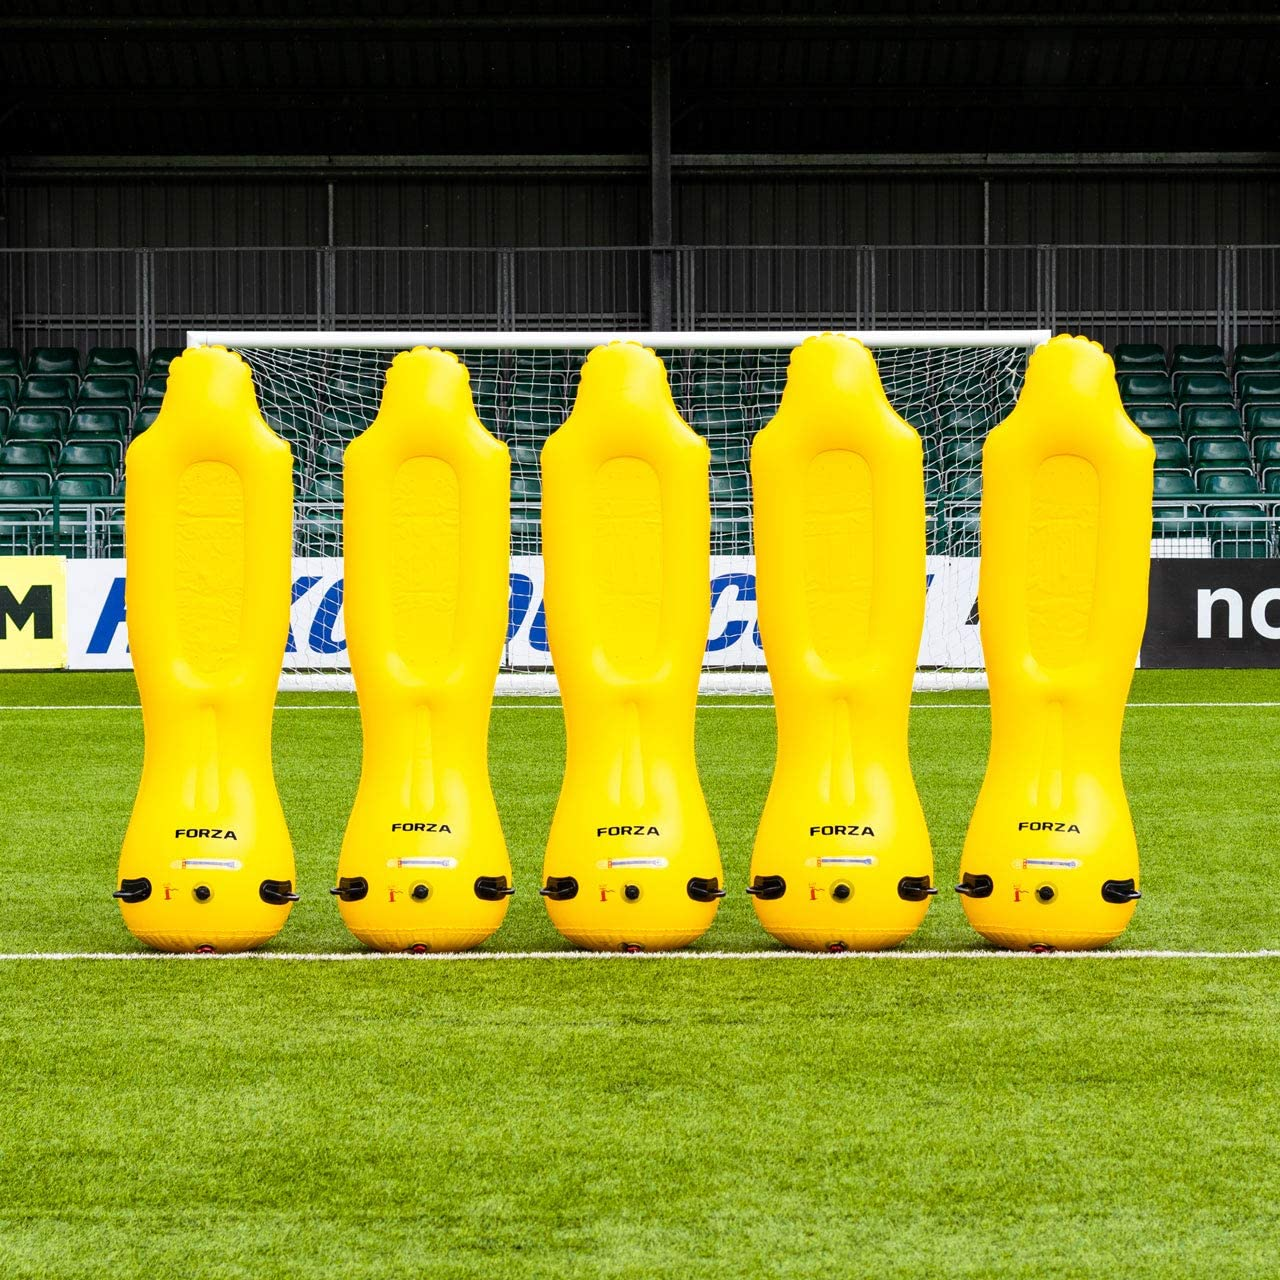 barreras de fútbol hinchables para entrenamientos